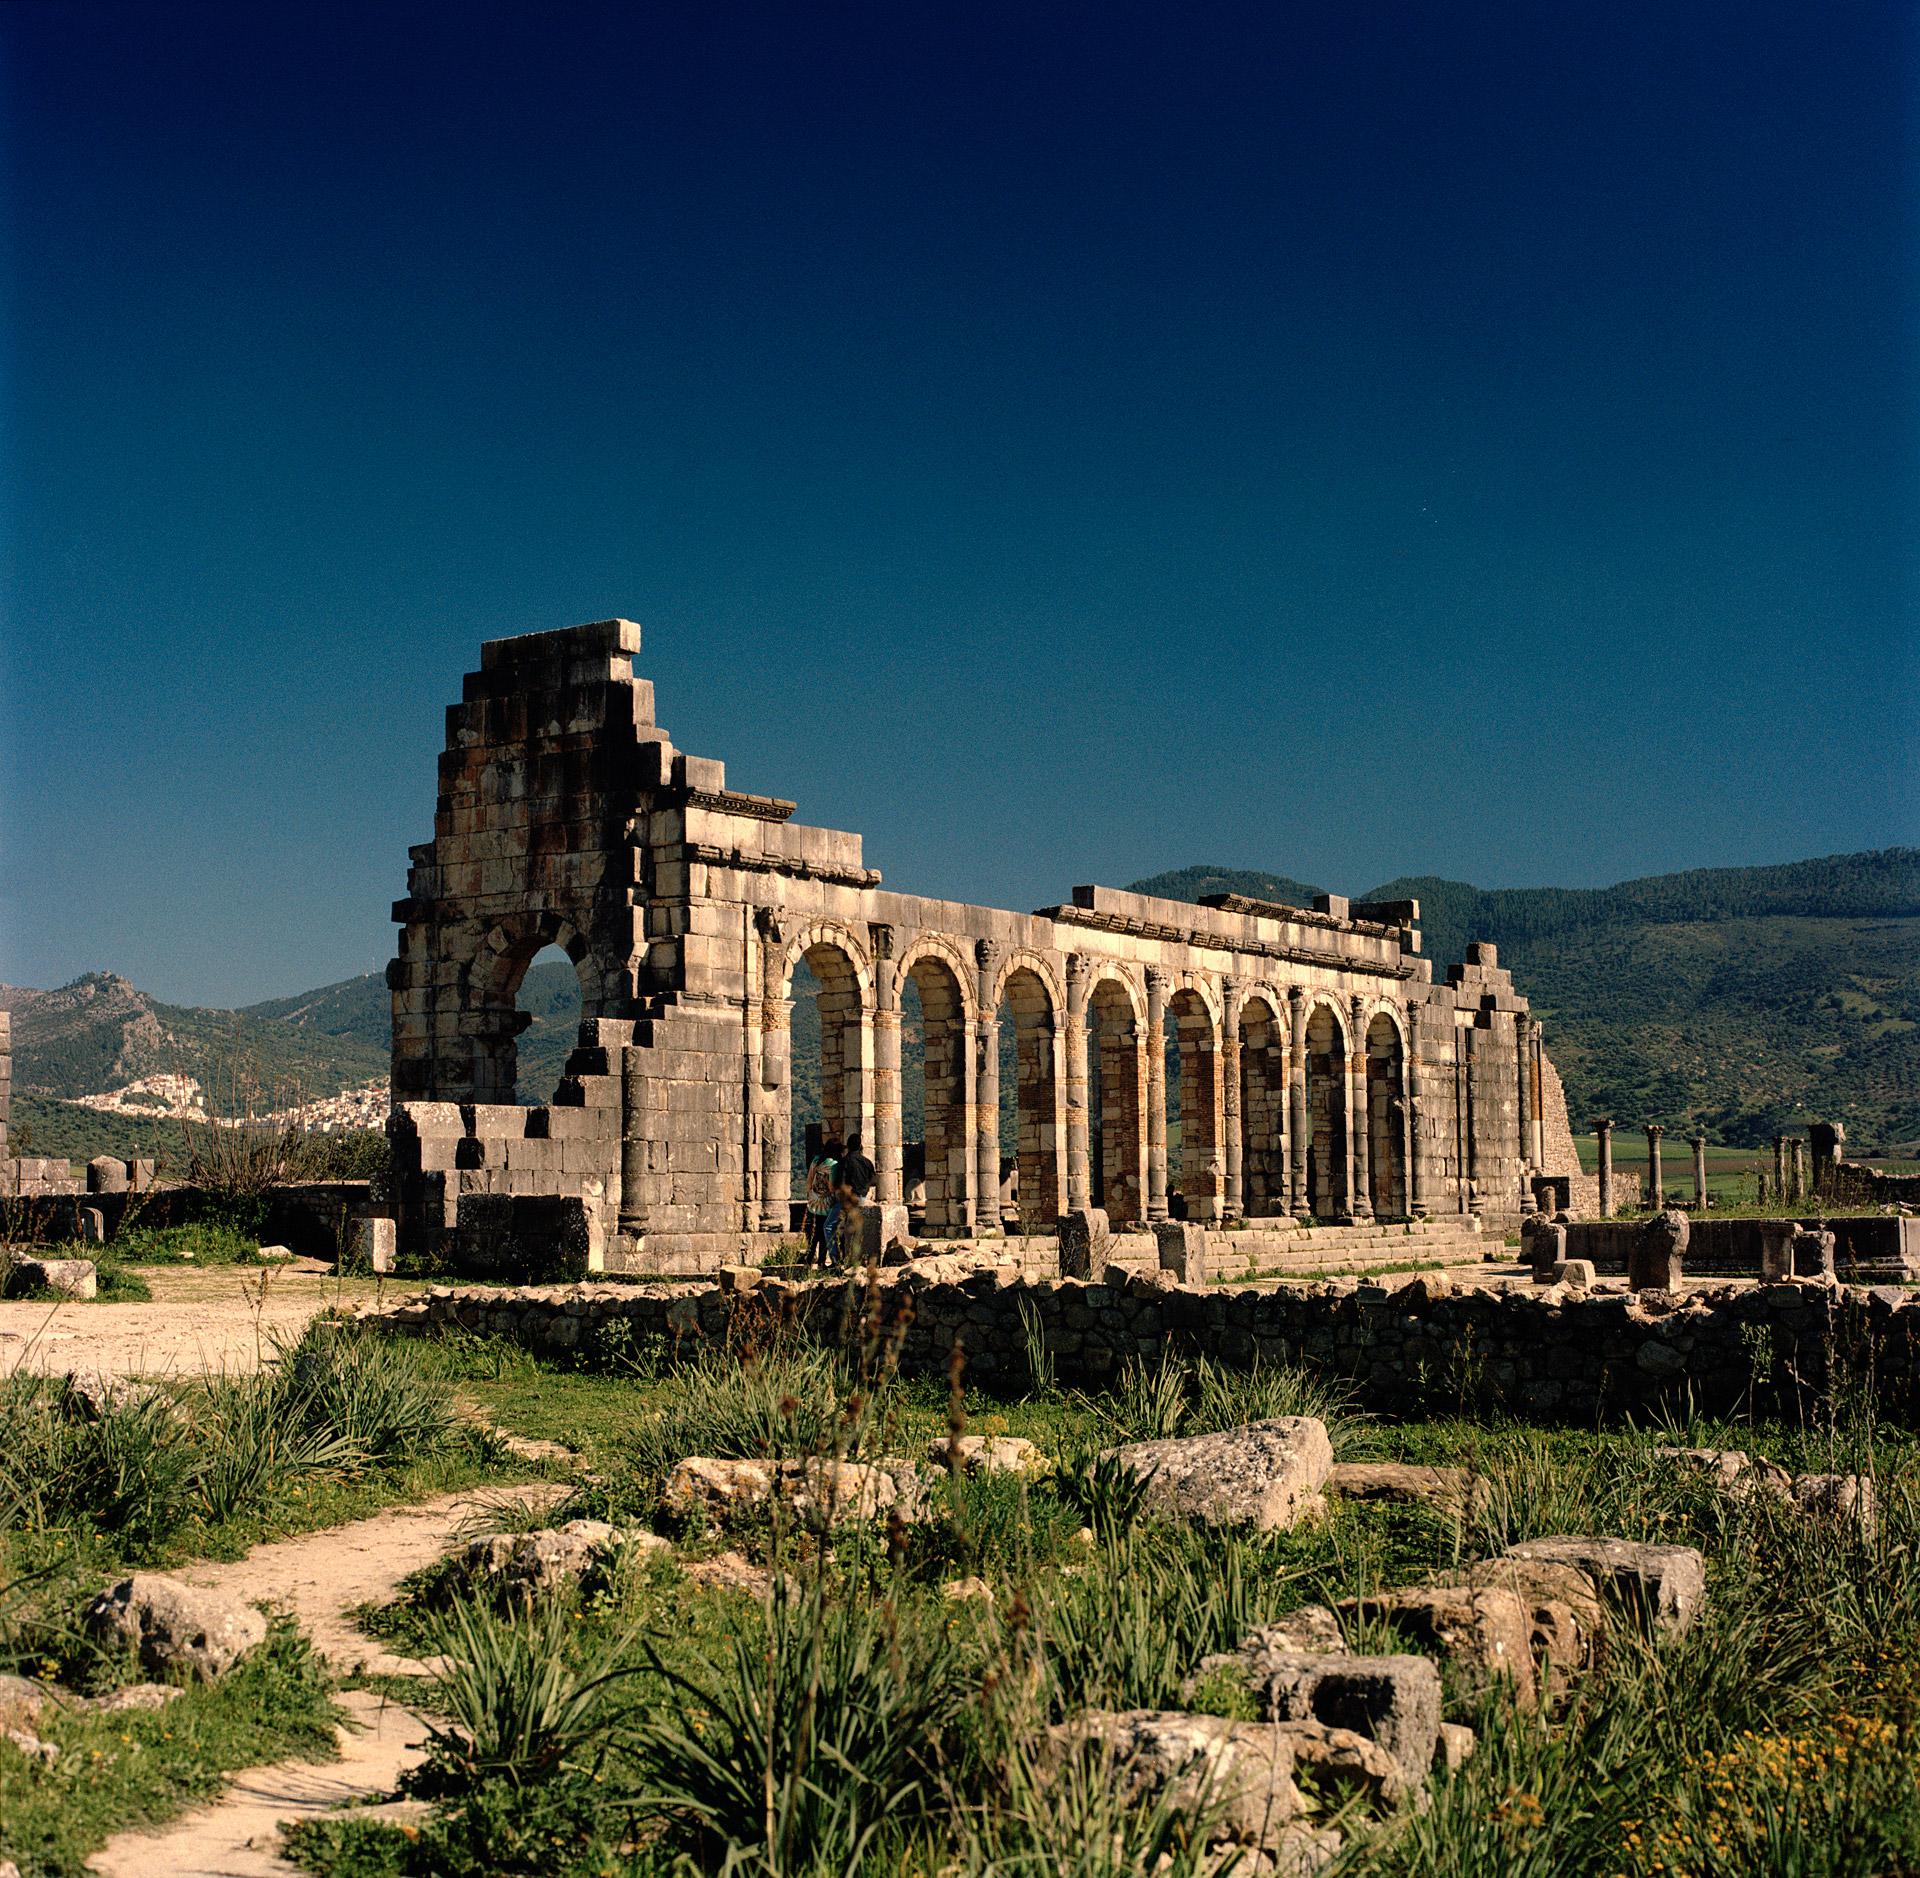 Volubilis ruin in Morocco from the Roman Empire